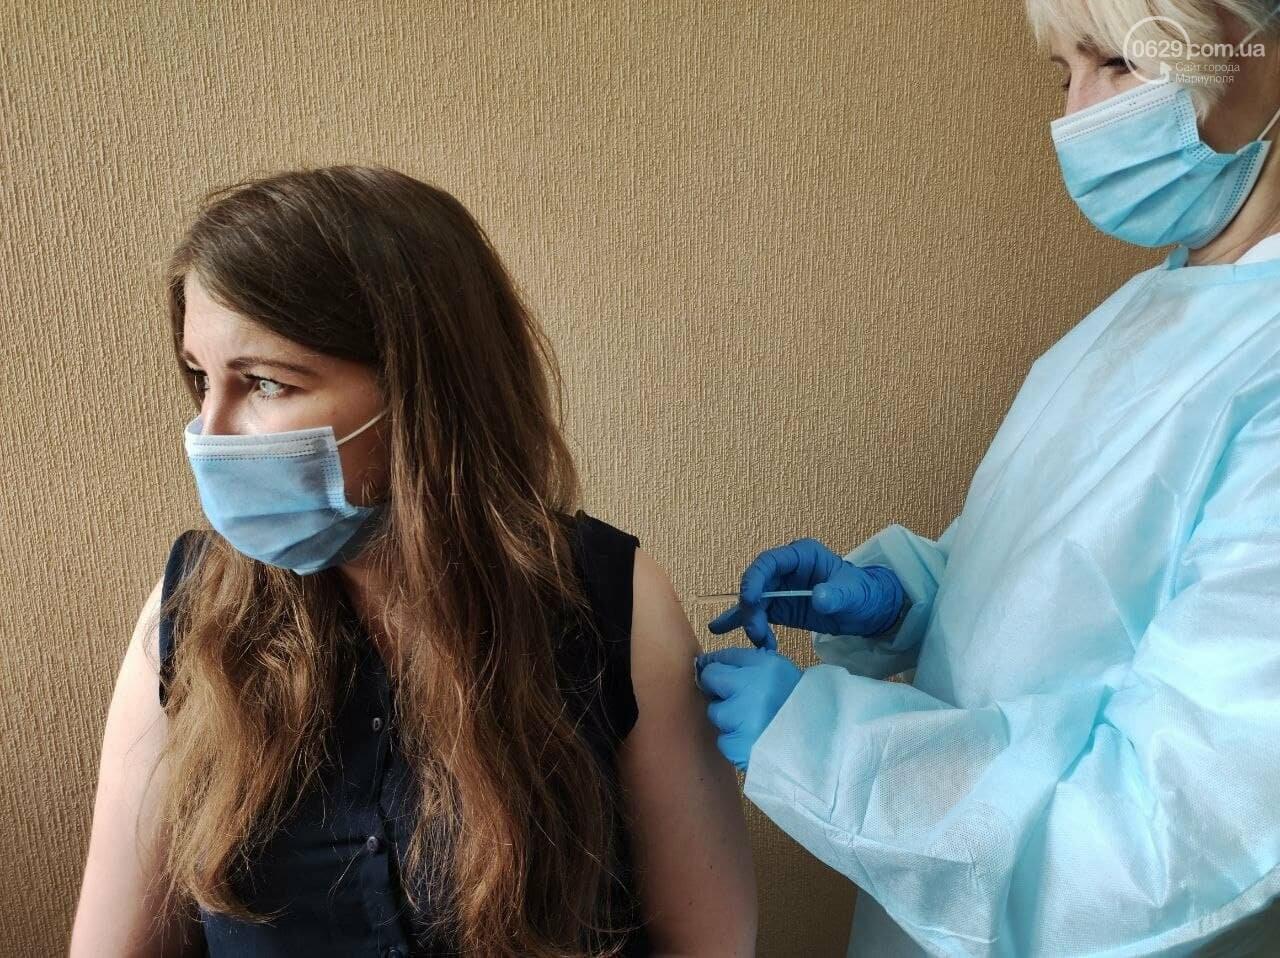 Укололись! Три причины, почему редакция 0629 вакцинировалась всем составом, - ФОТО, фото-4